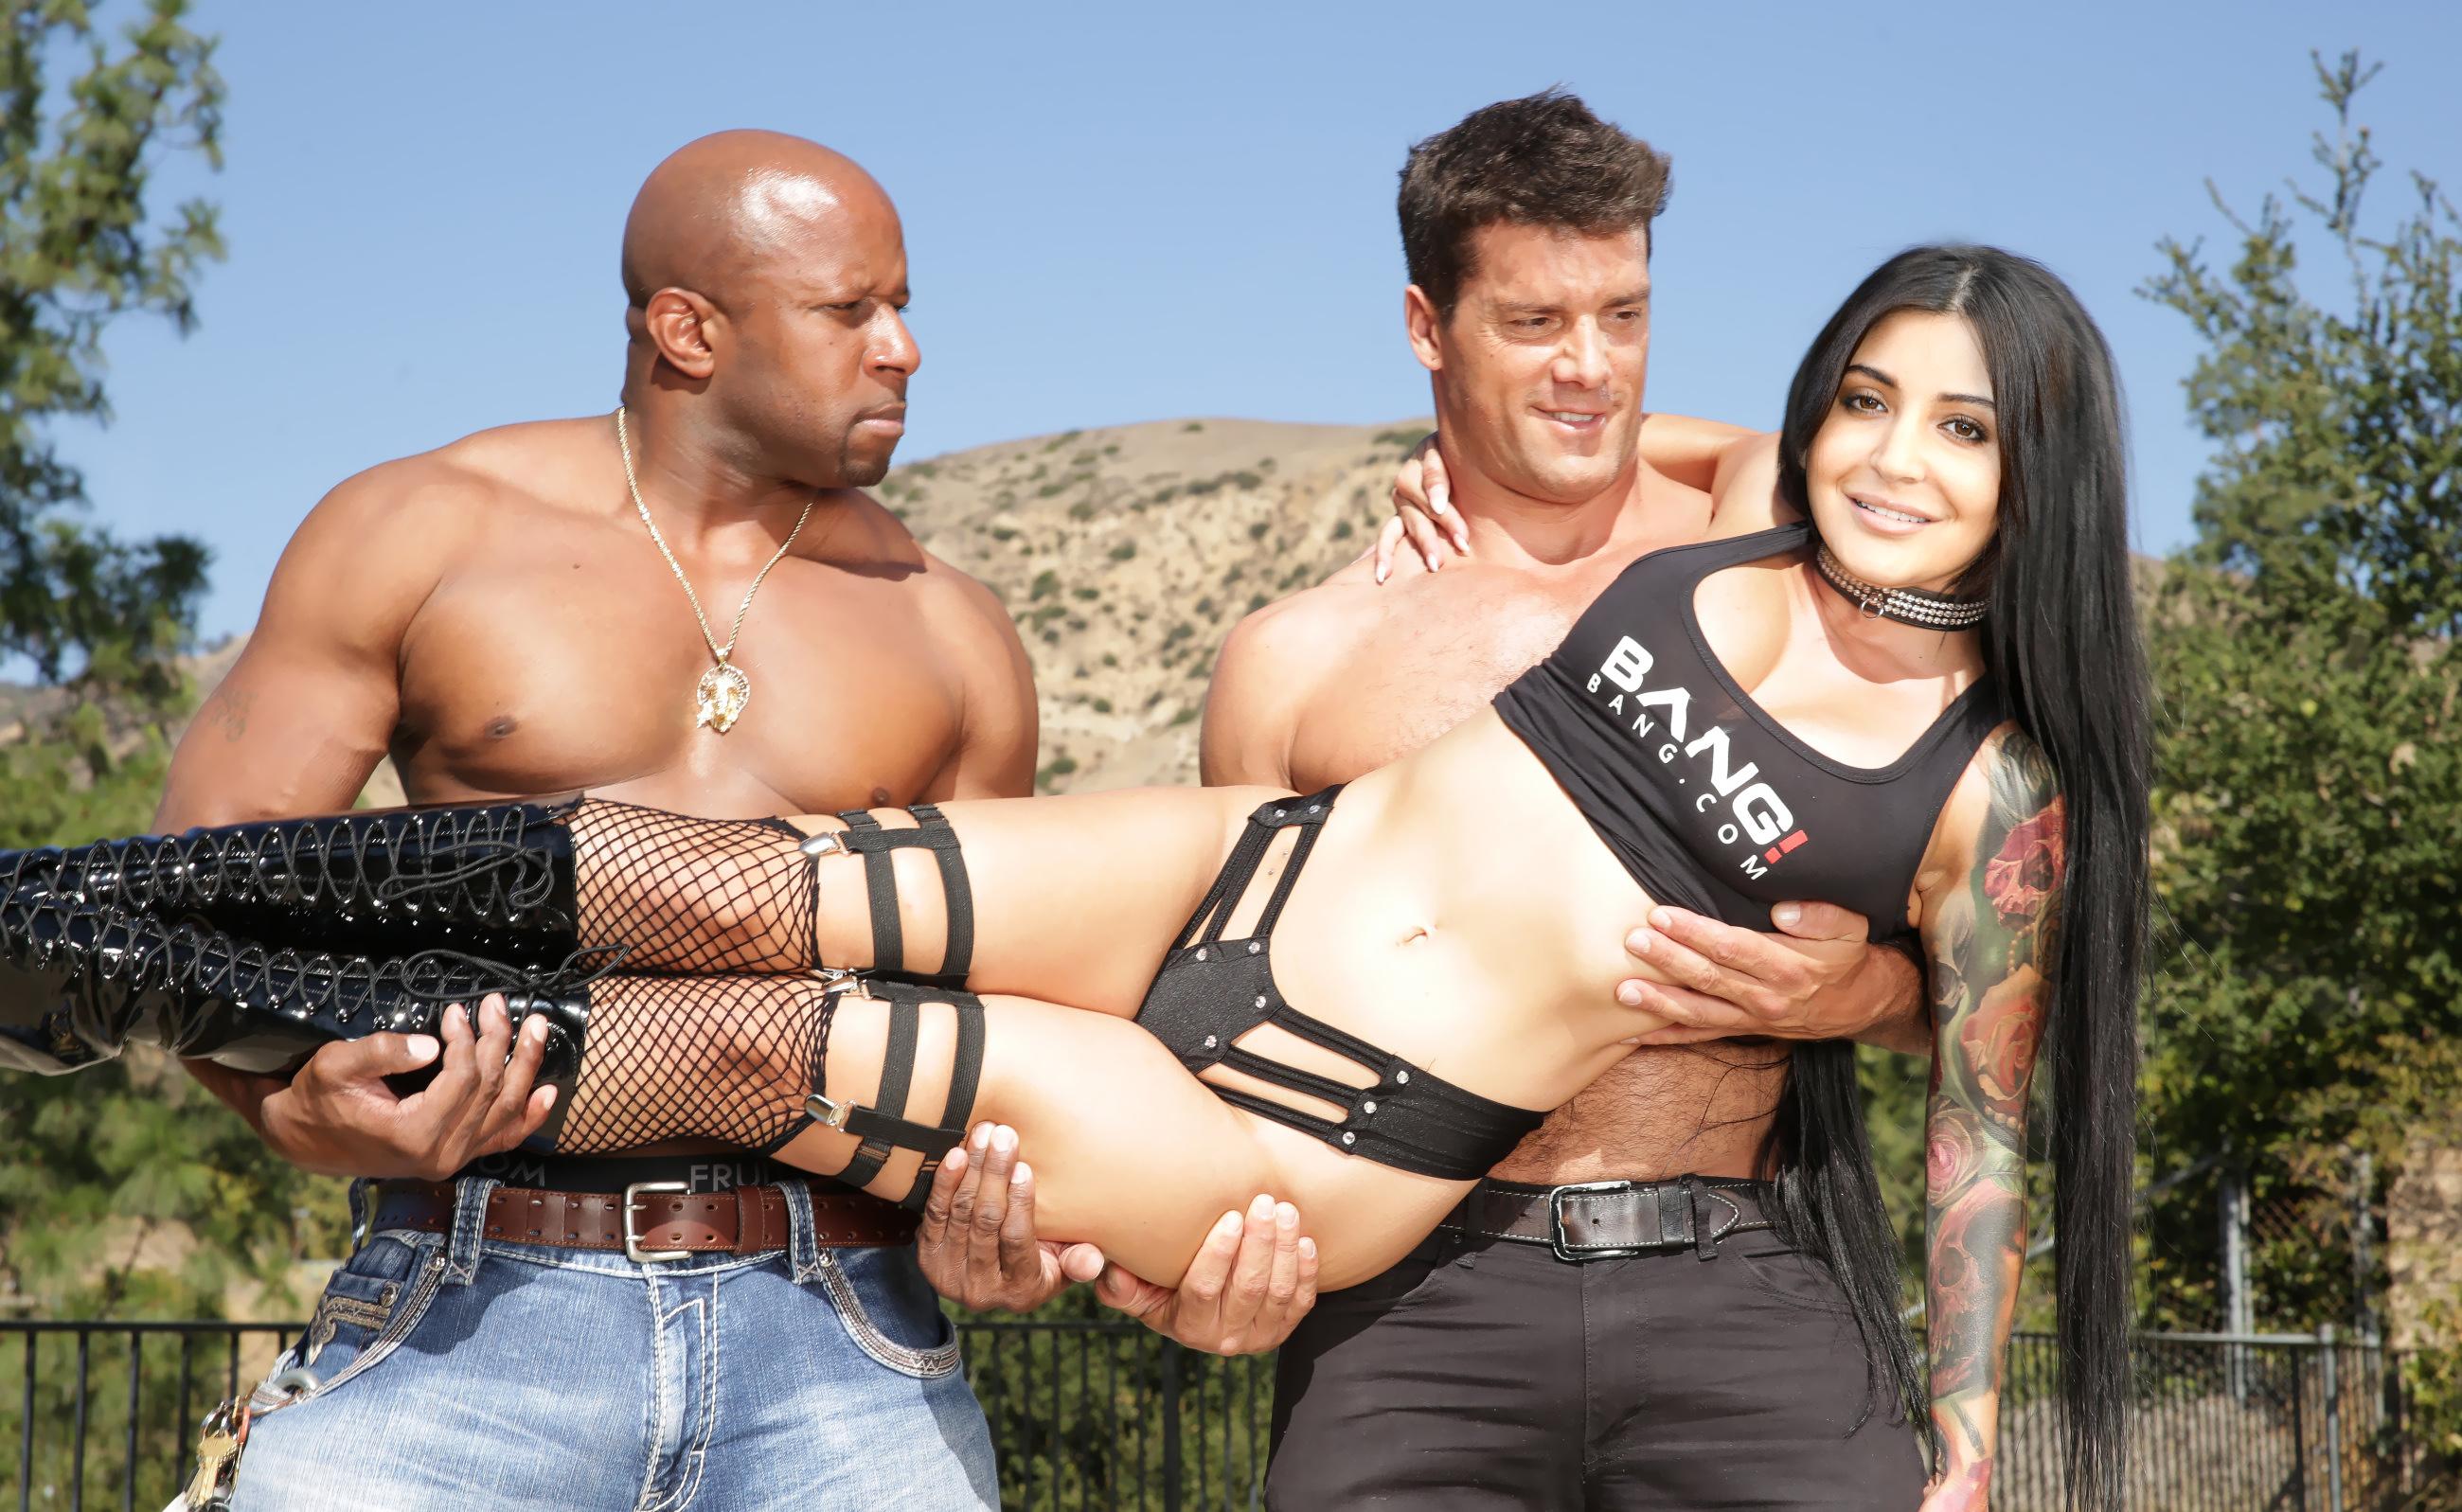 Anushka Sharma nude pic